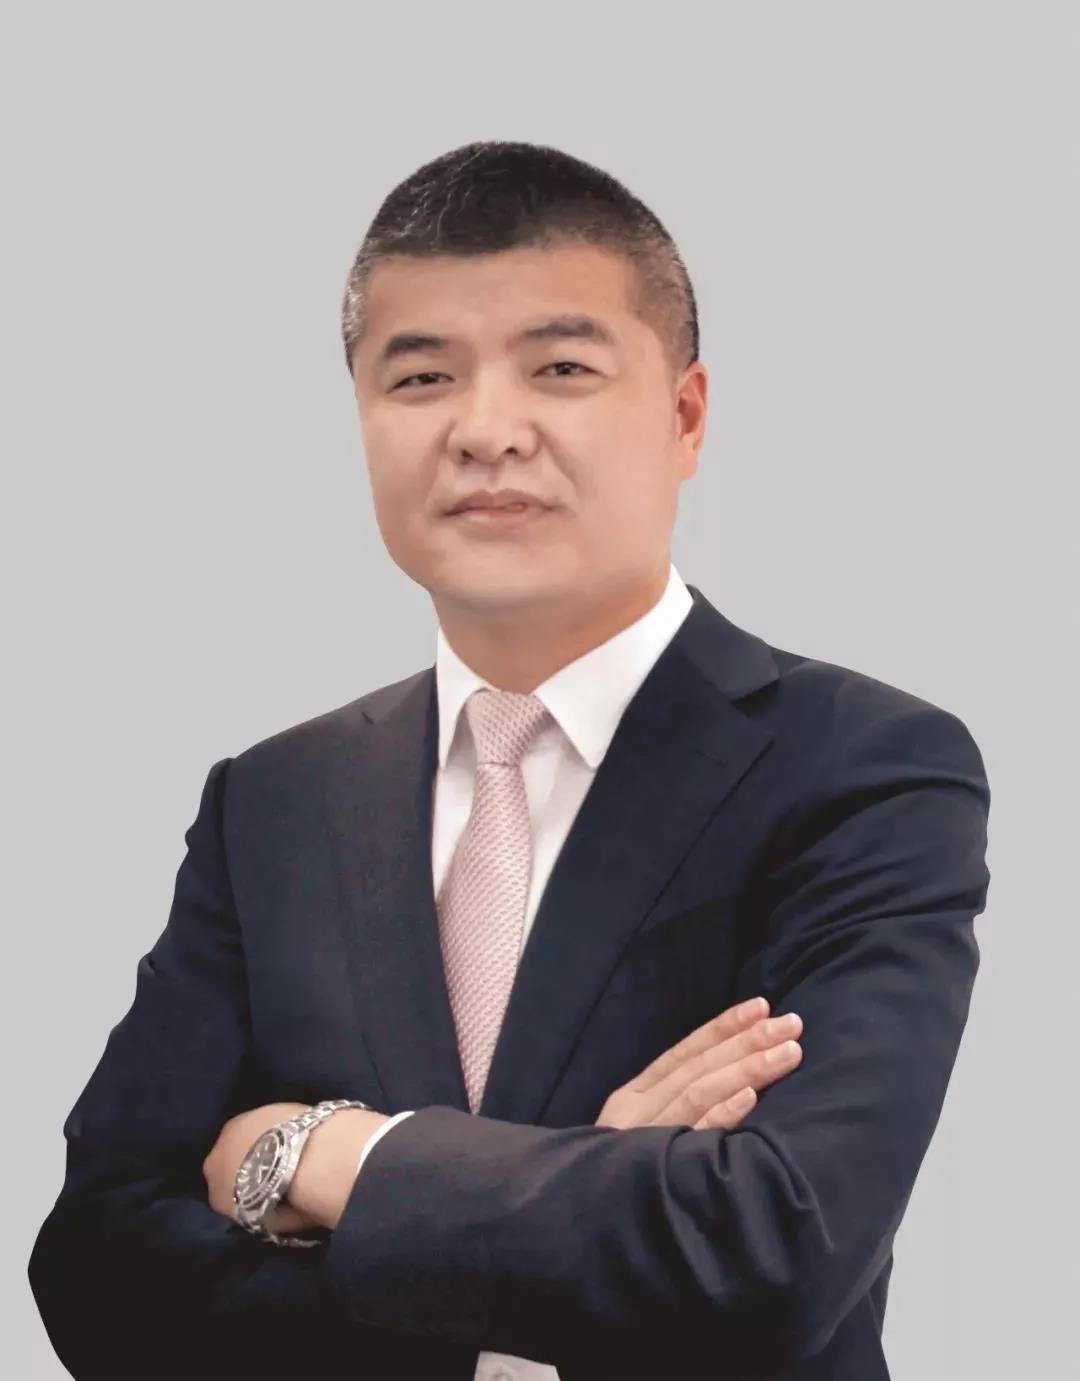 【北京kok平台新用户送彩金企业kok登录】2020年3月30日星期一(庚子鼠年三月初七)